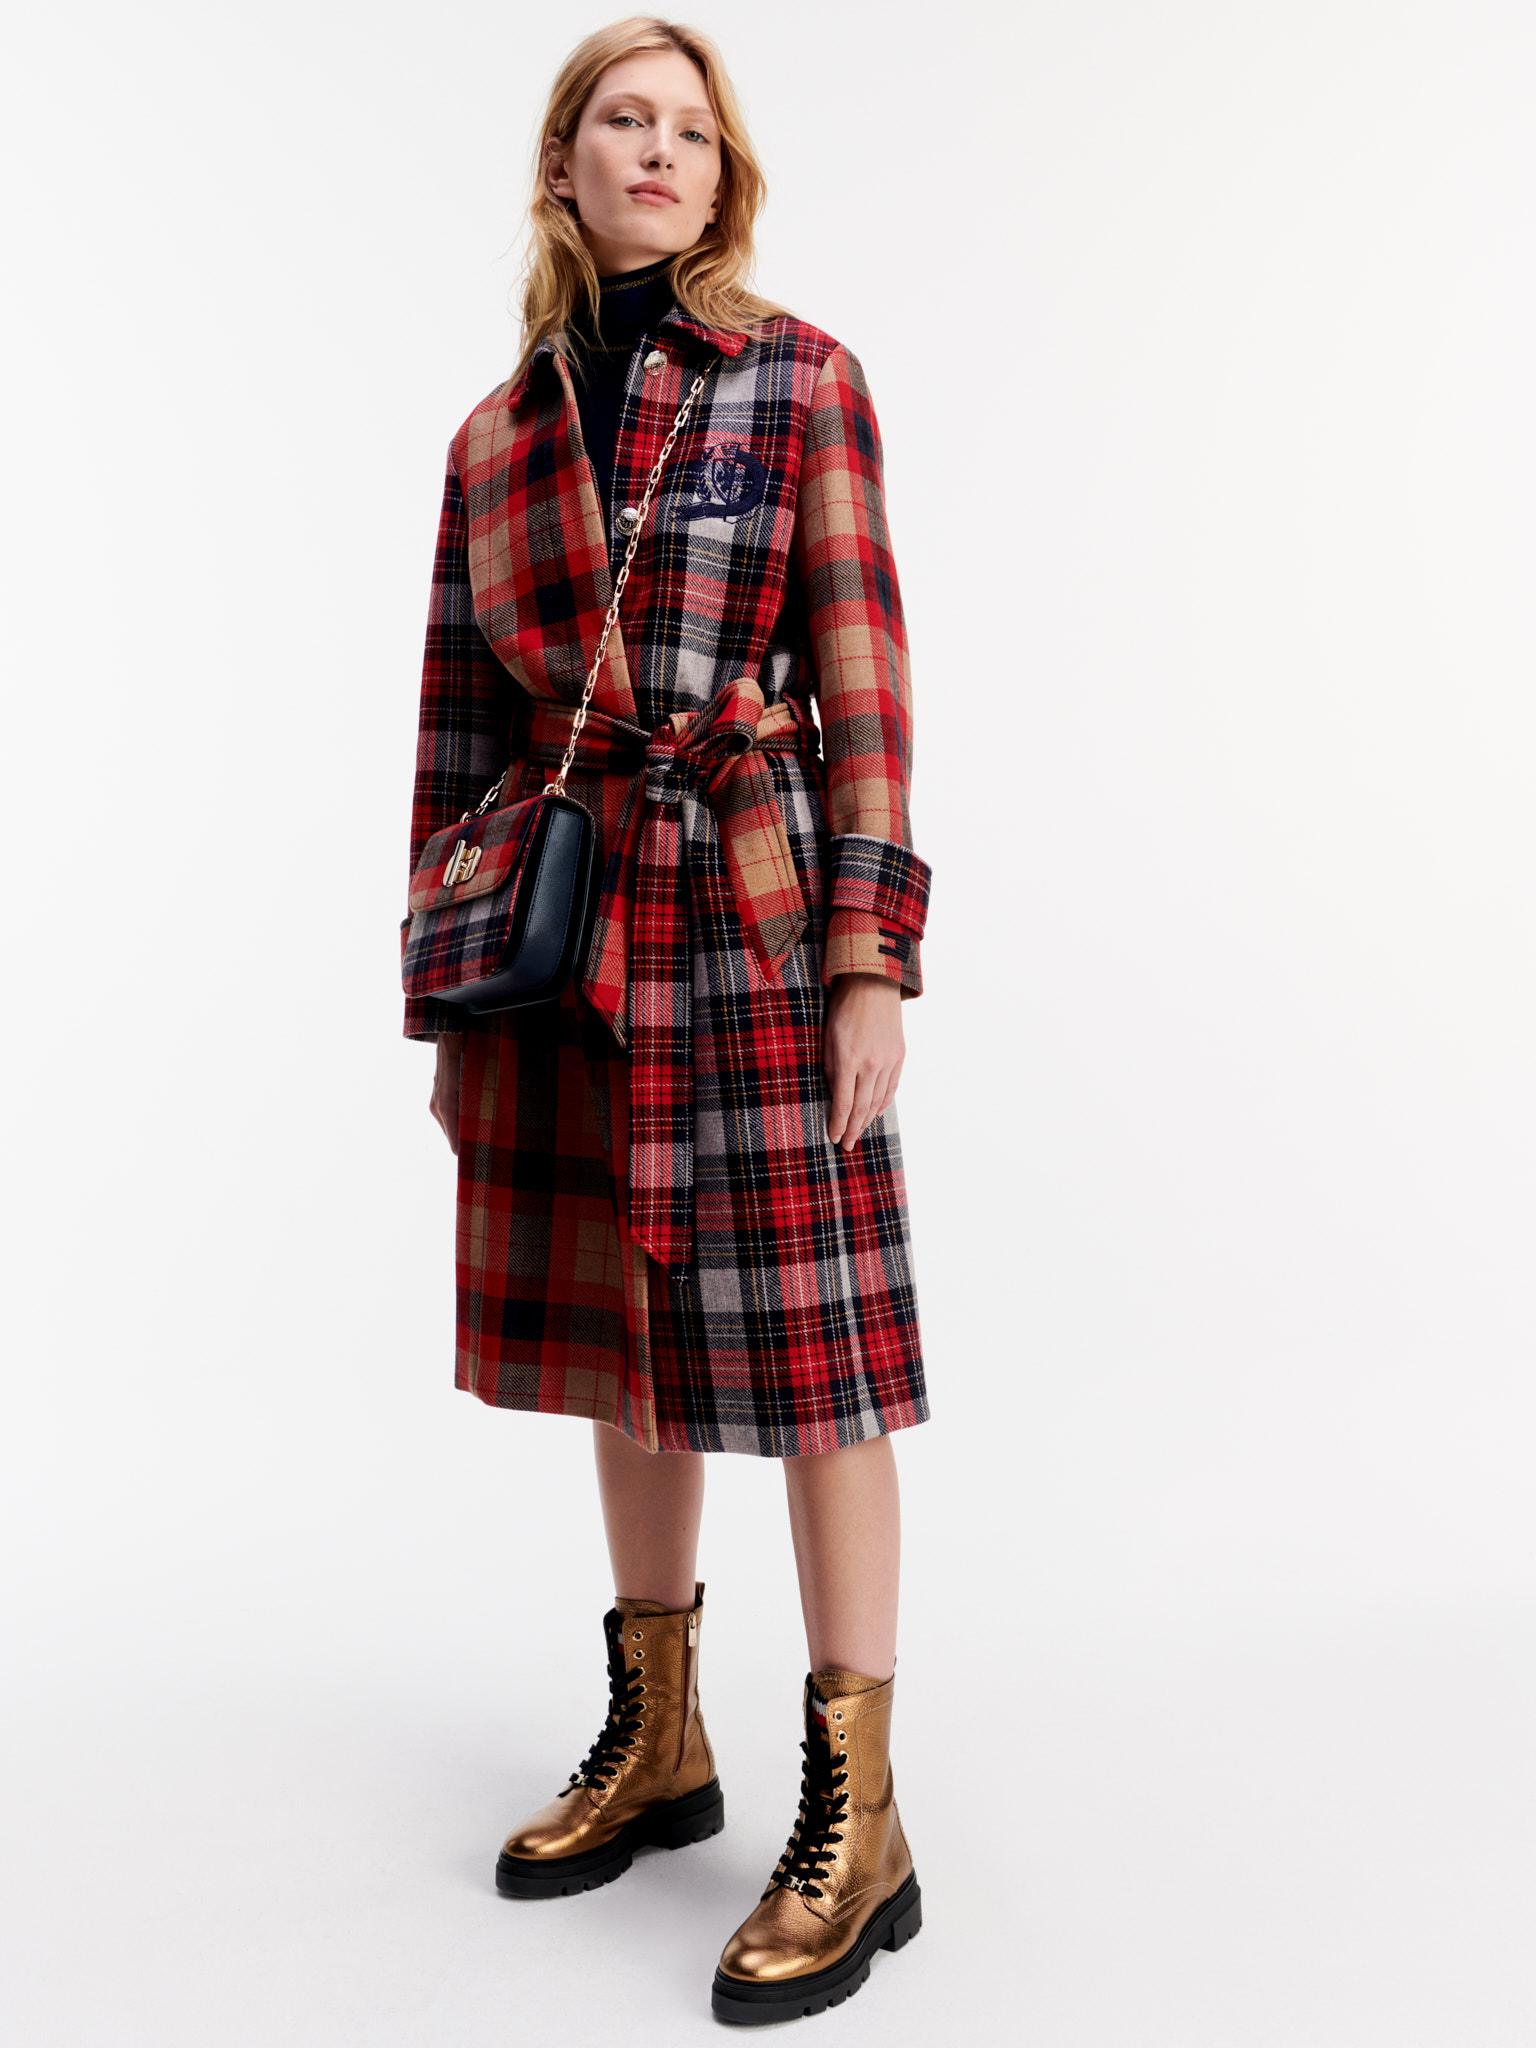 fa20_womenswear_look12